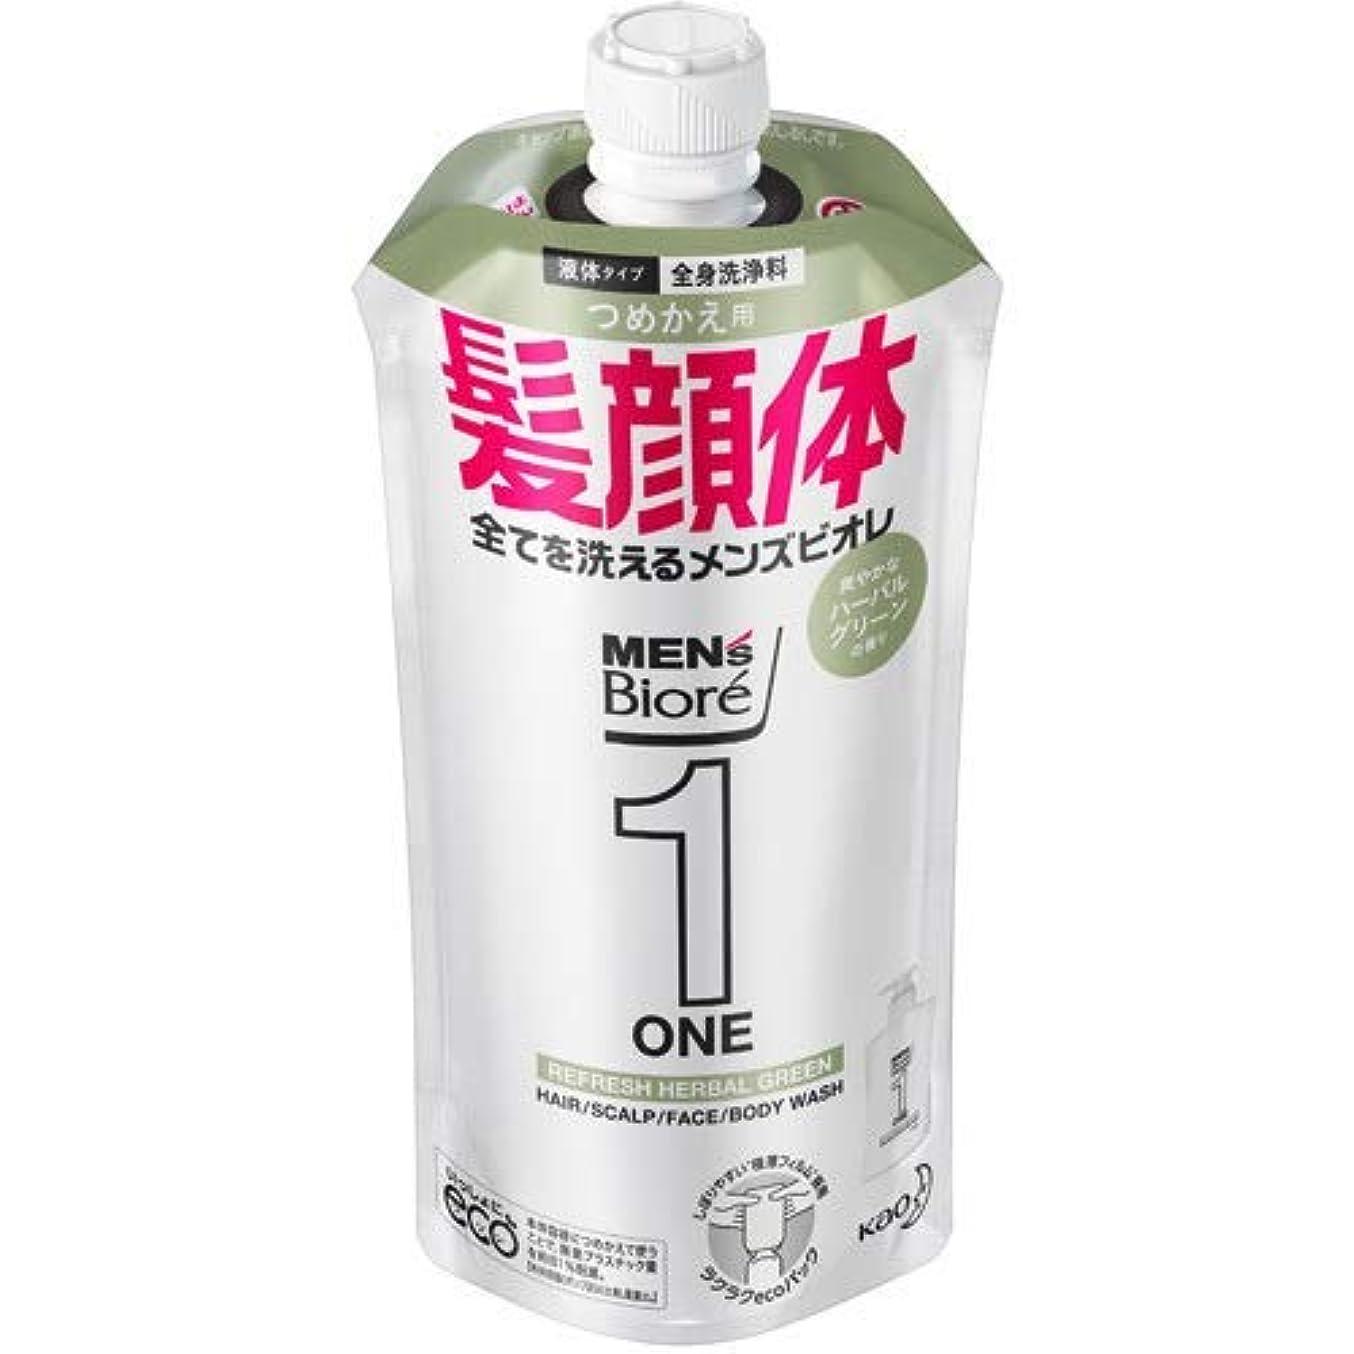 寛大さ数値おばあさん【10個セット】メンズビオレONE オールインワン全身洗浄料 爽やかなハーブルグリーンの香り つめかえ用 340mL